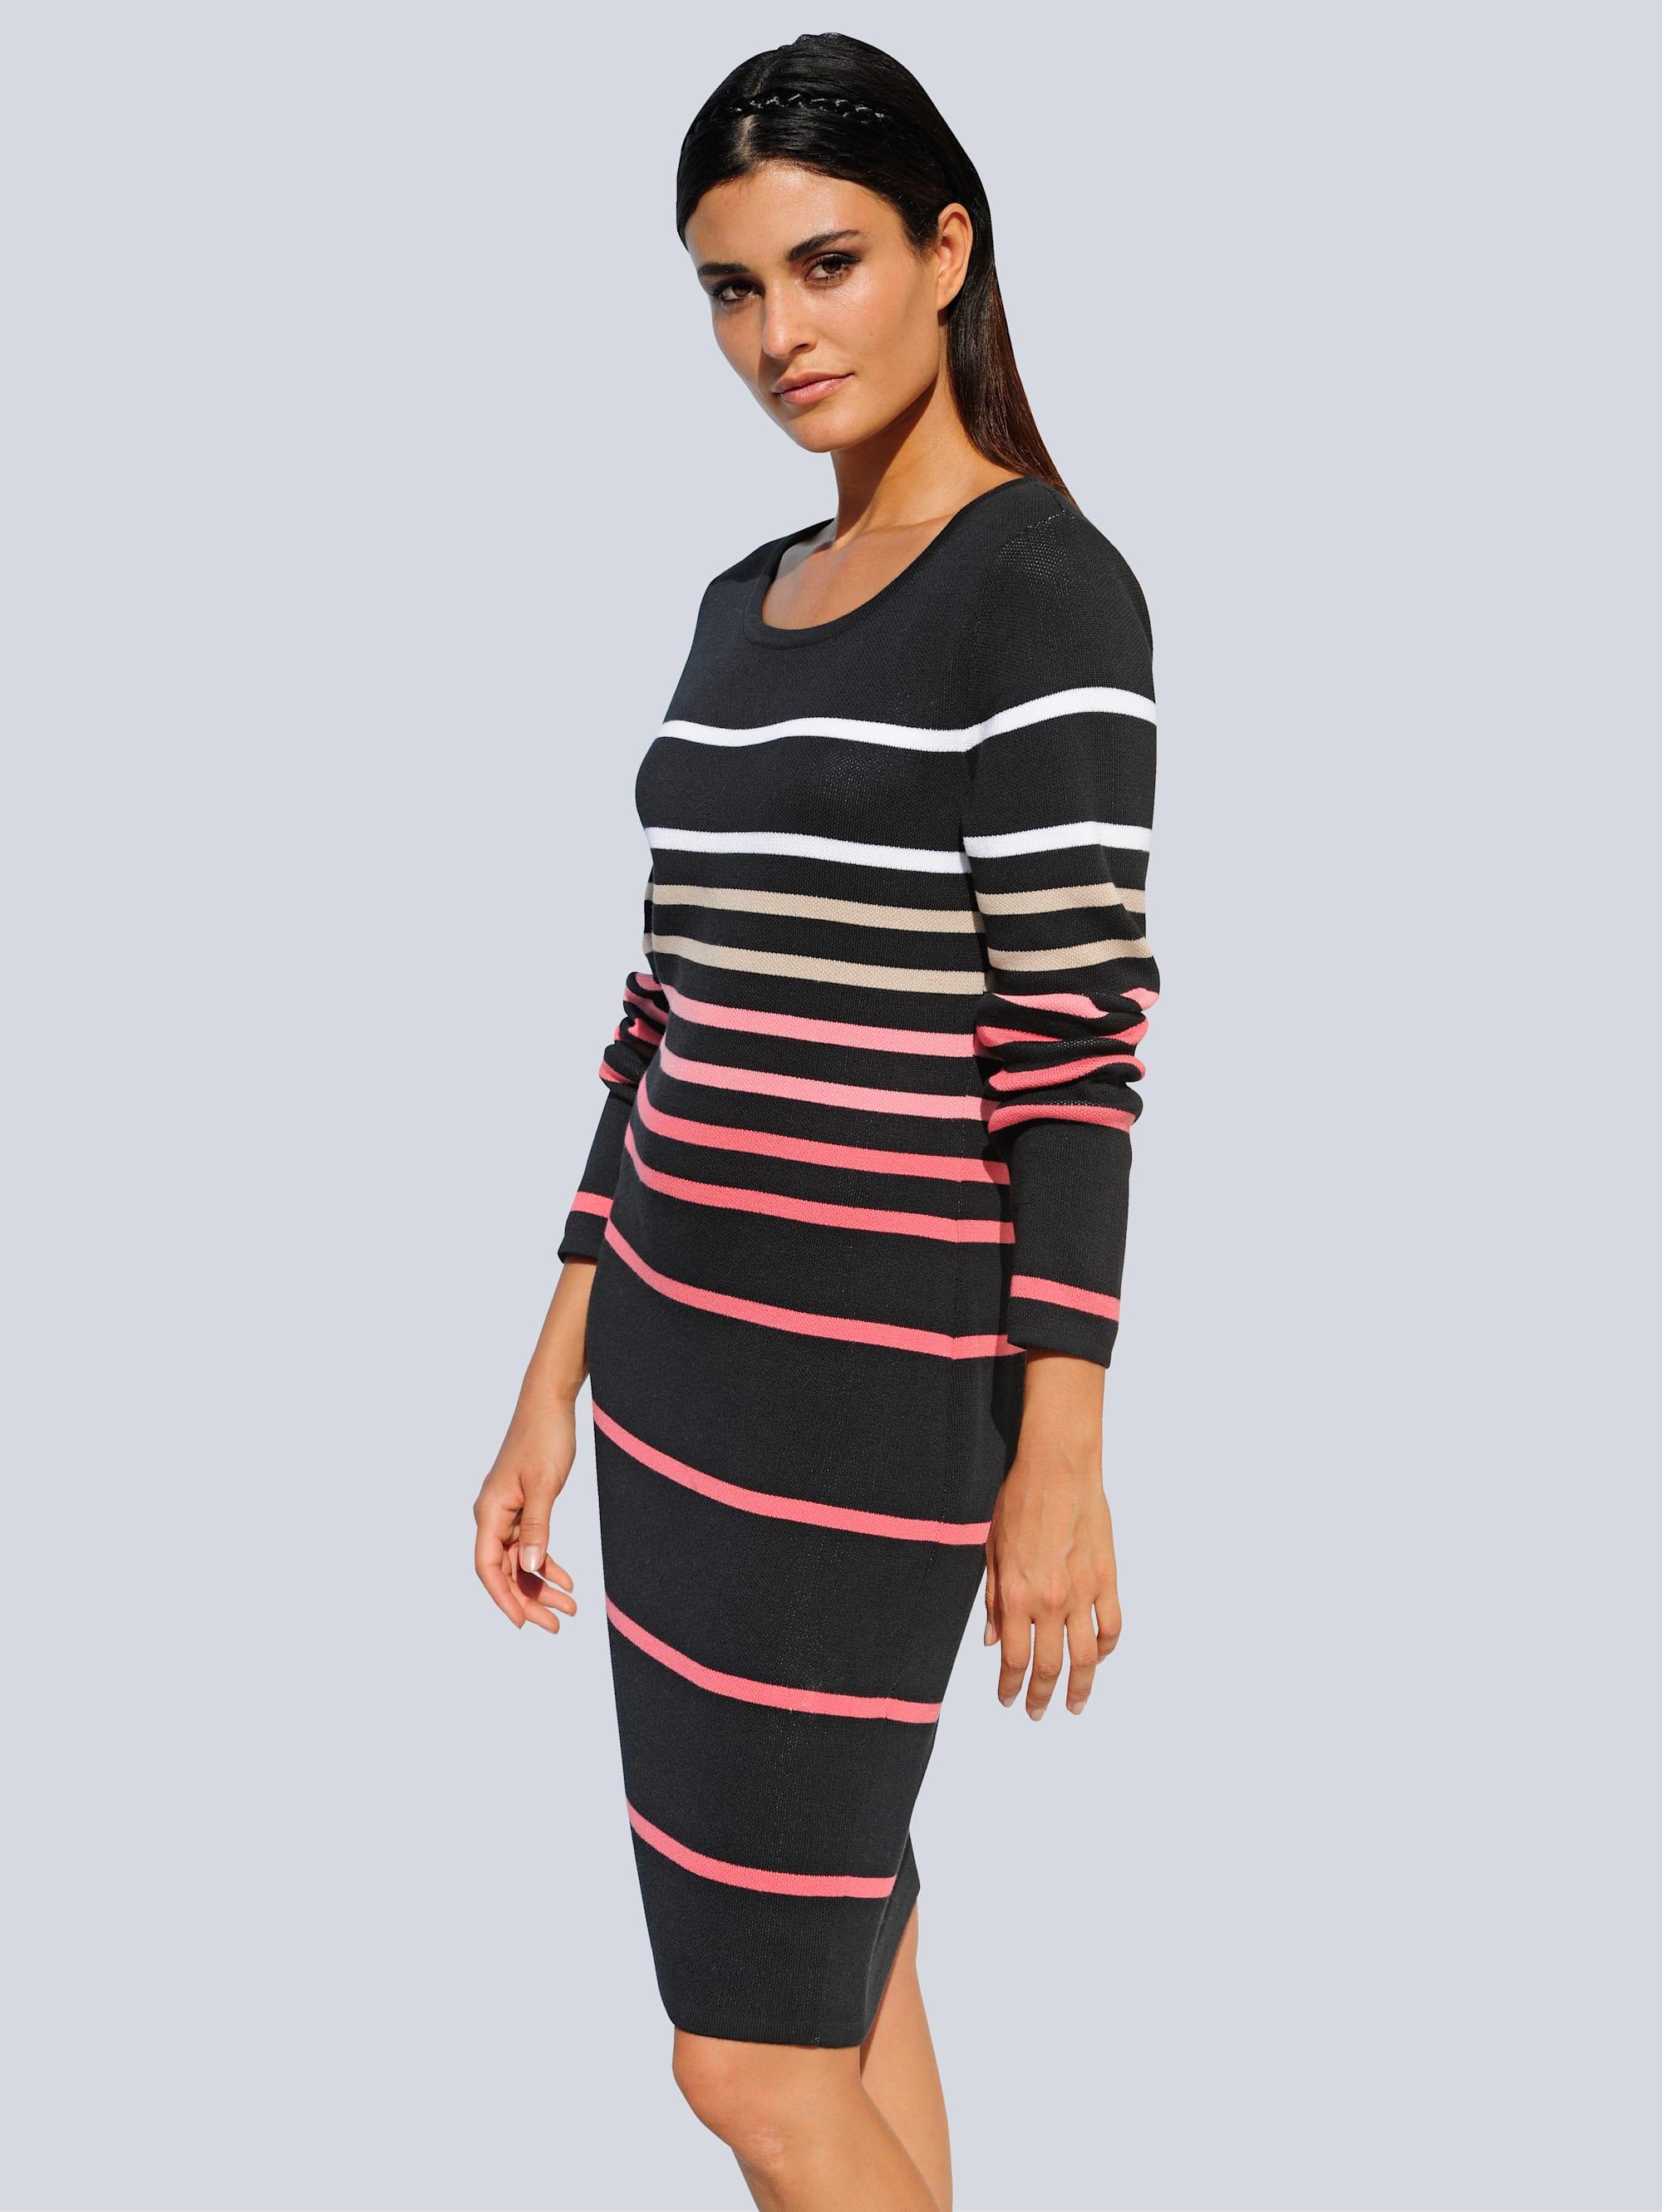 alba moda -  Strickkleid, aus hochwertiger Pima Cotton Qualität